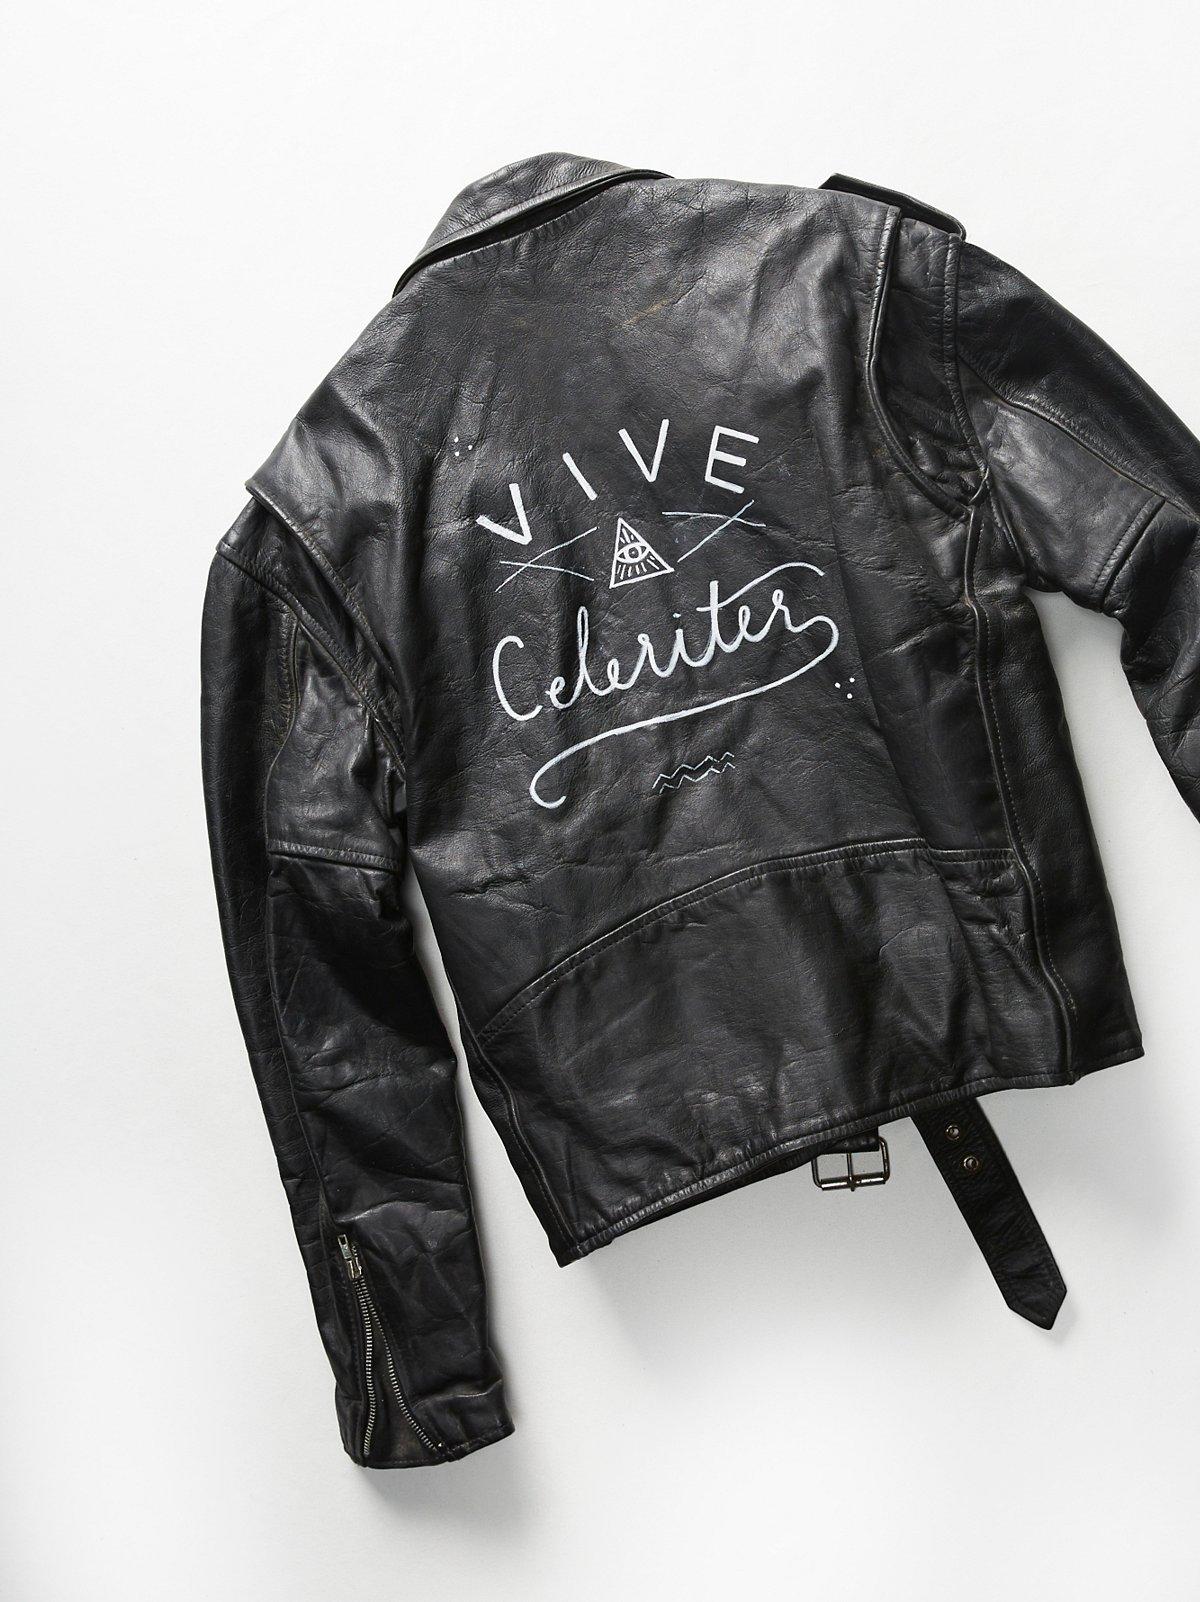 Vintage Moto Jacket 66